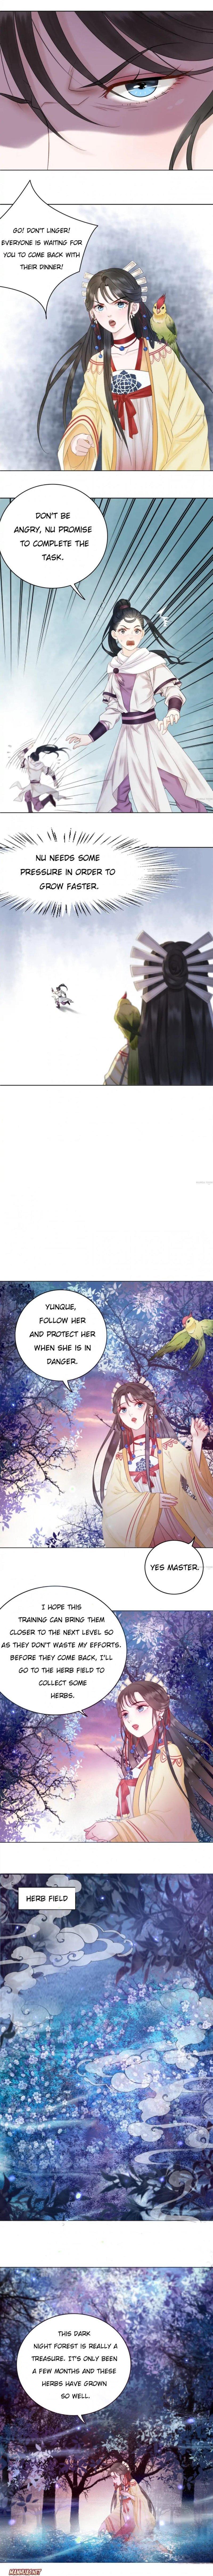 Miss Miracle Chapter 60 page 2 - Mangakakalots.com